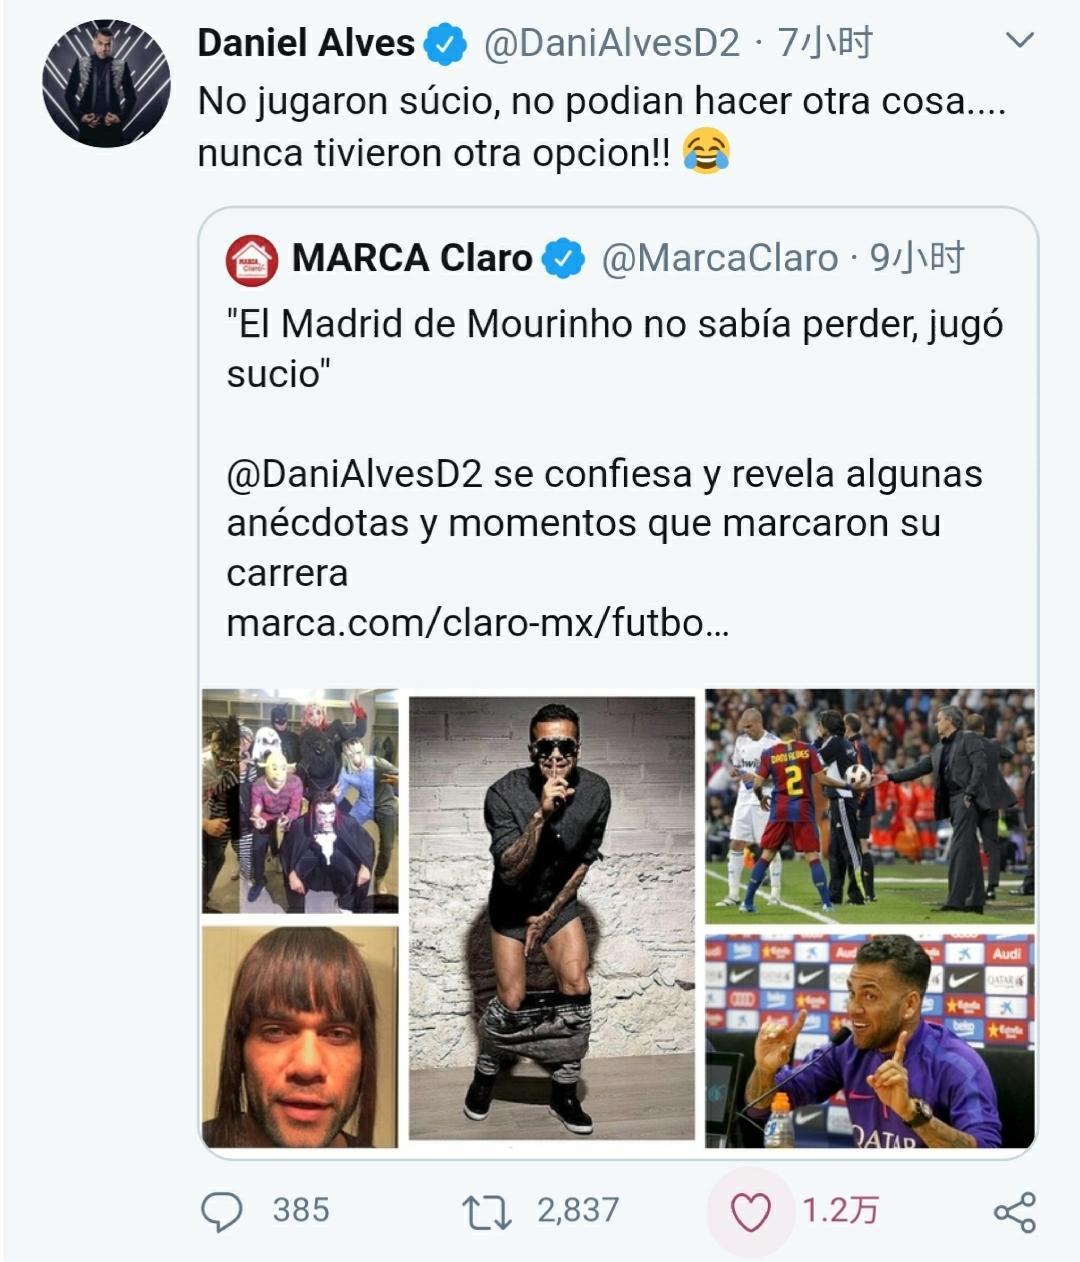 上周,《马卡报》发文回顾了当年阿尔维斯批评穆里尼奥的言论……